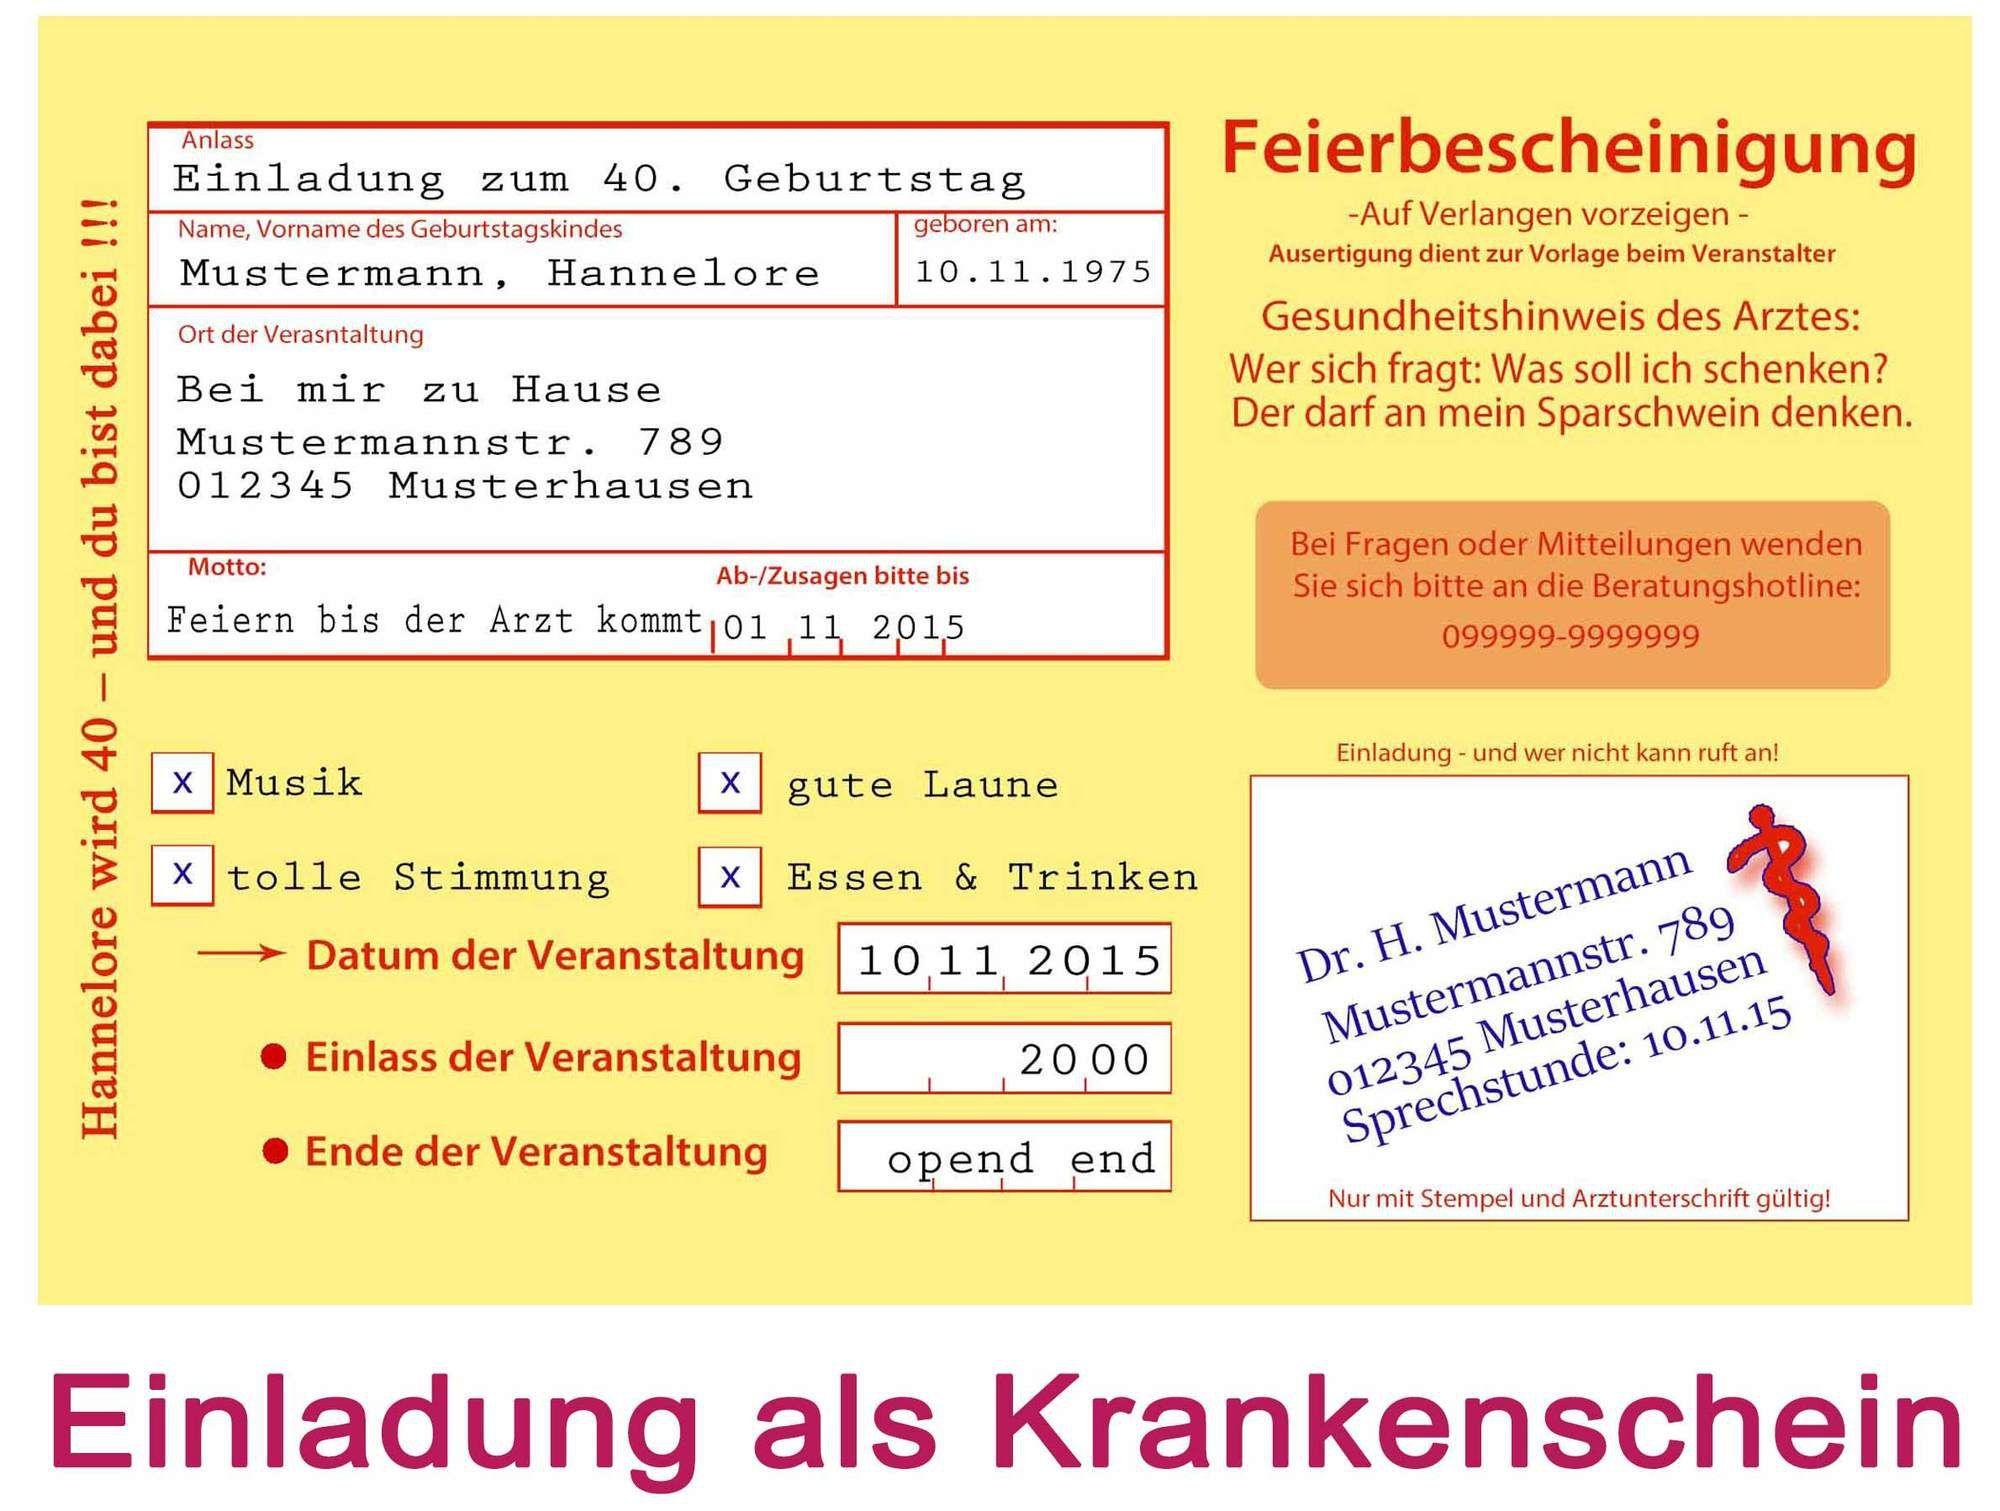 Einladungskarten 50 Geburtstag : Einladungskarten 50 Geburtstag Ohne ...